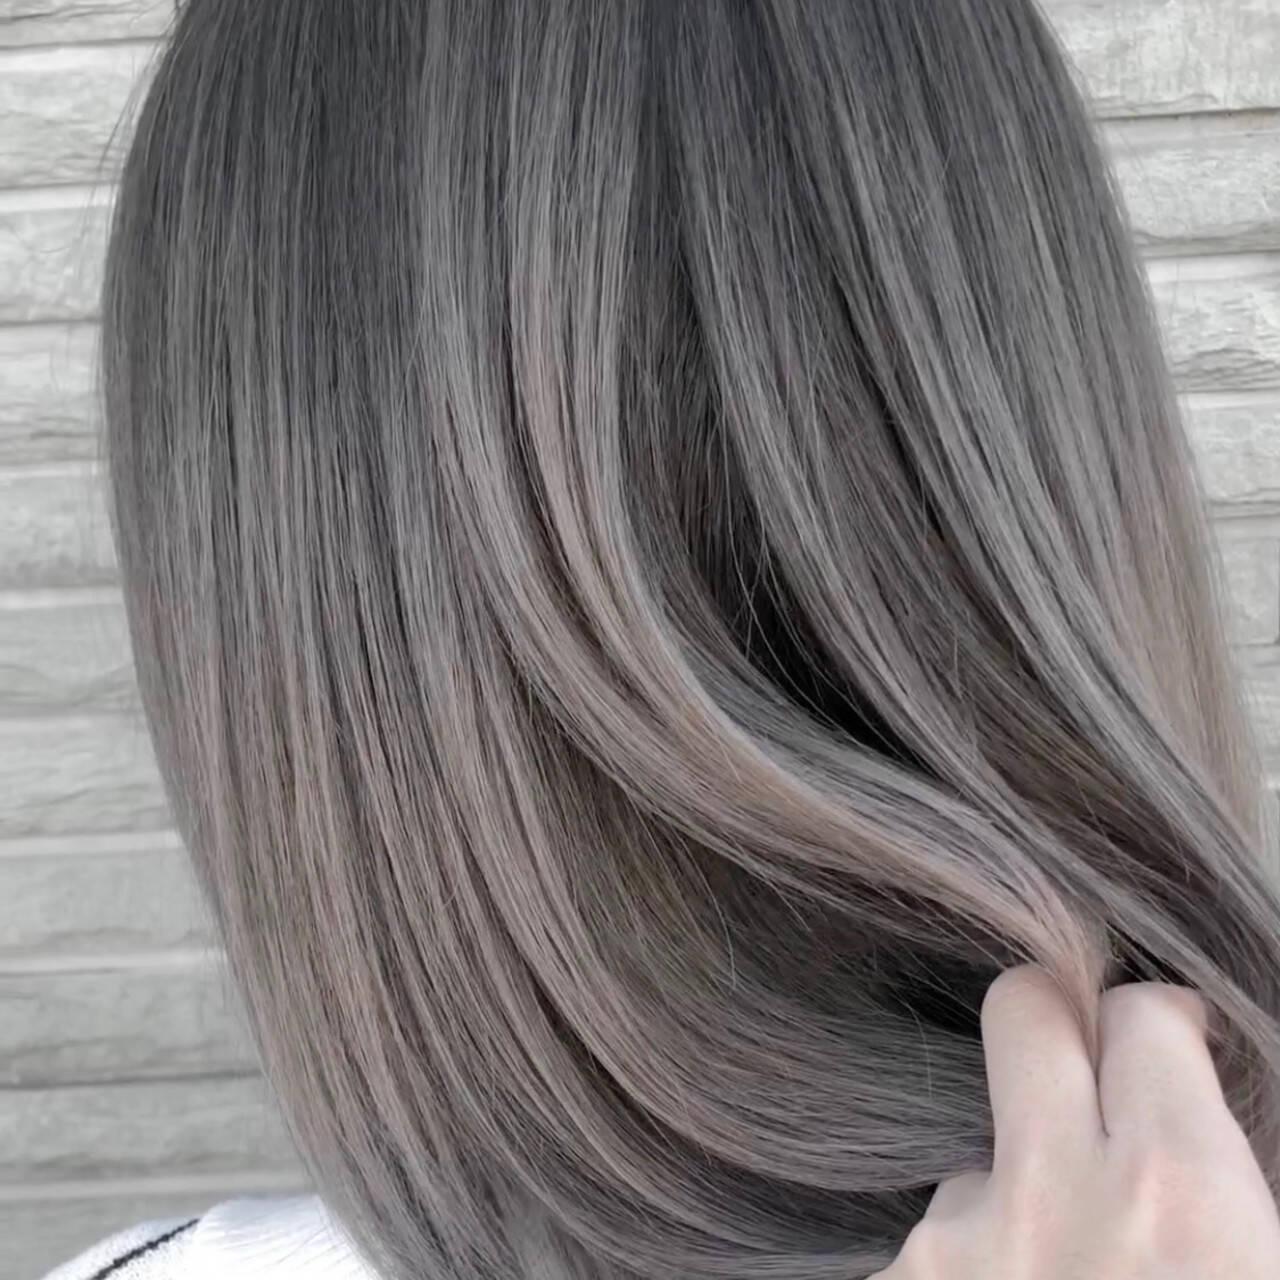 グレージュ アッシュベージュ ミディアム シルバーアッシュヘアスタイルや髪型の写真・画像